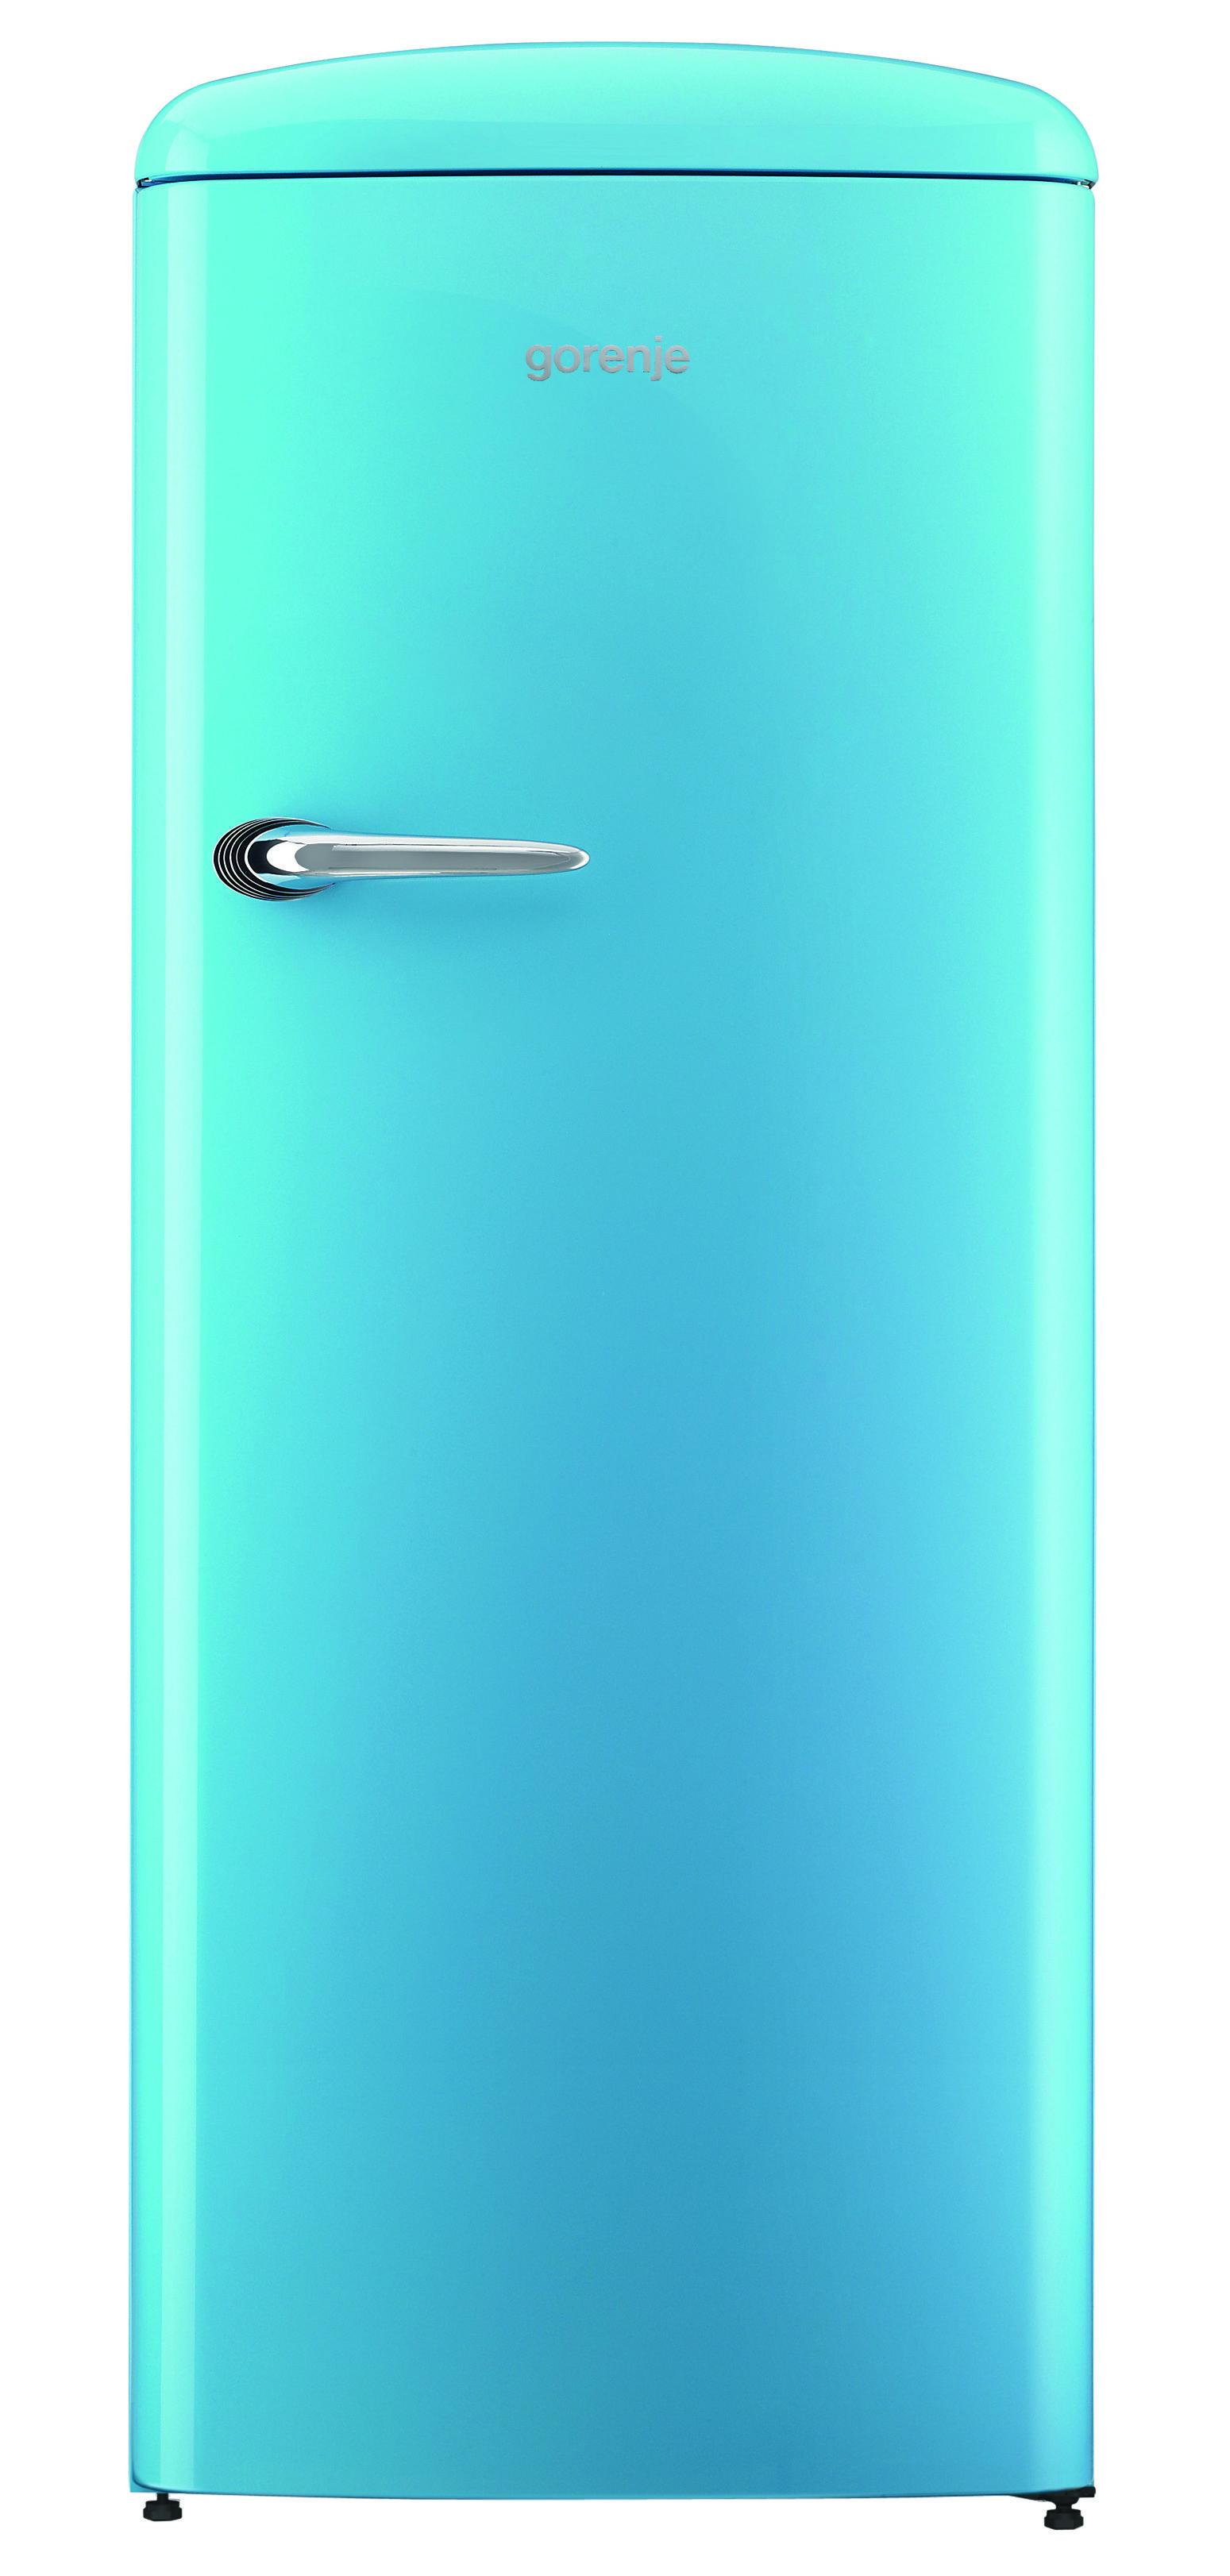 Gorenje Retro ORB153BL Refrigerator - Baby Blue - cut out | Retro ...